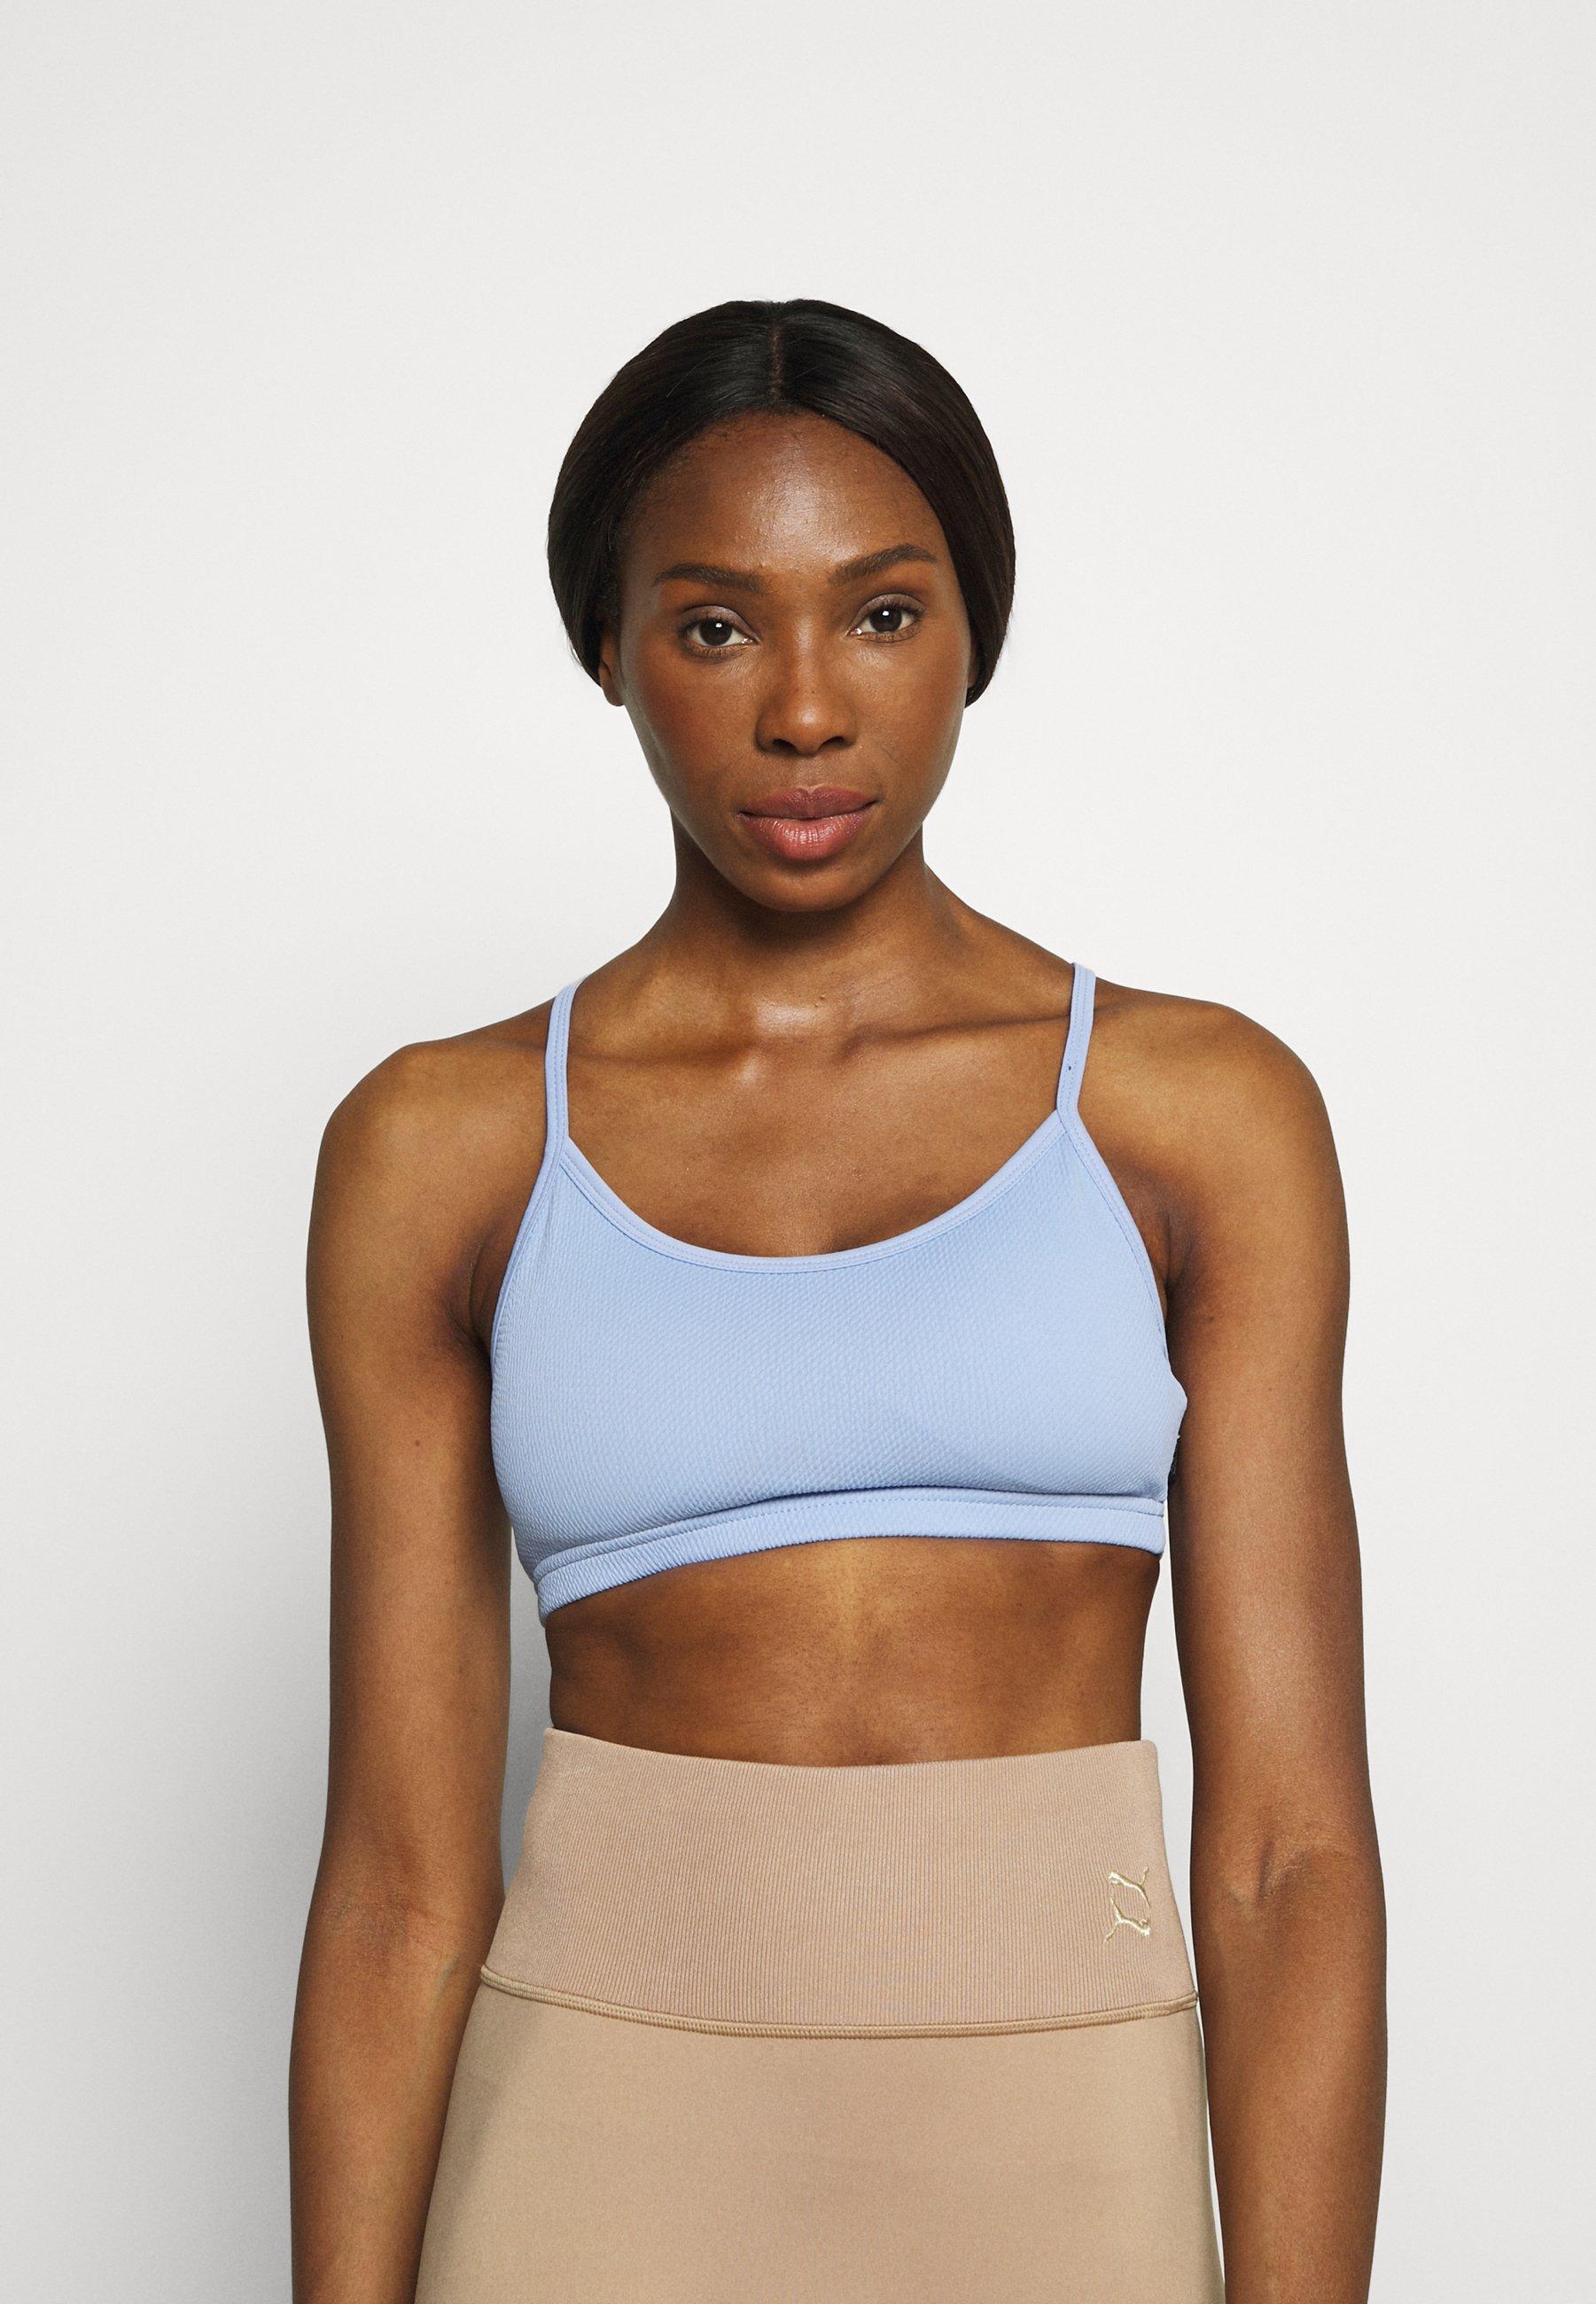 Women WORKOUT YOGA CROP - Light support sports bra